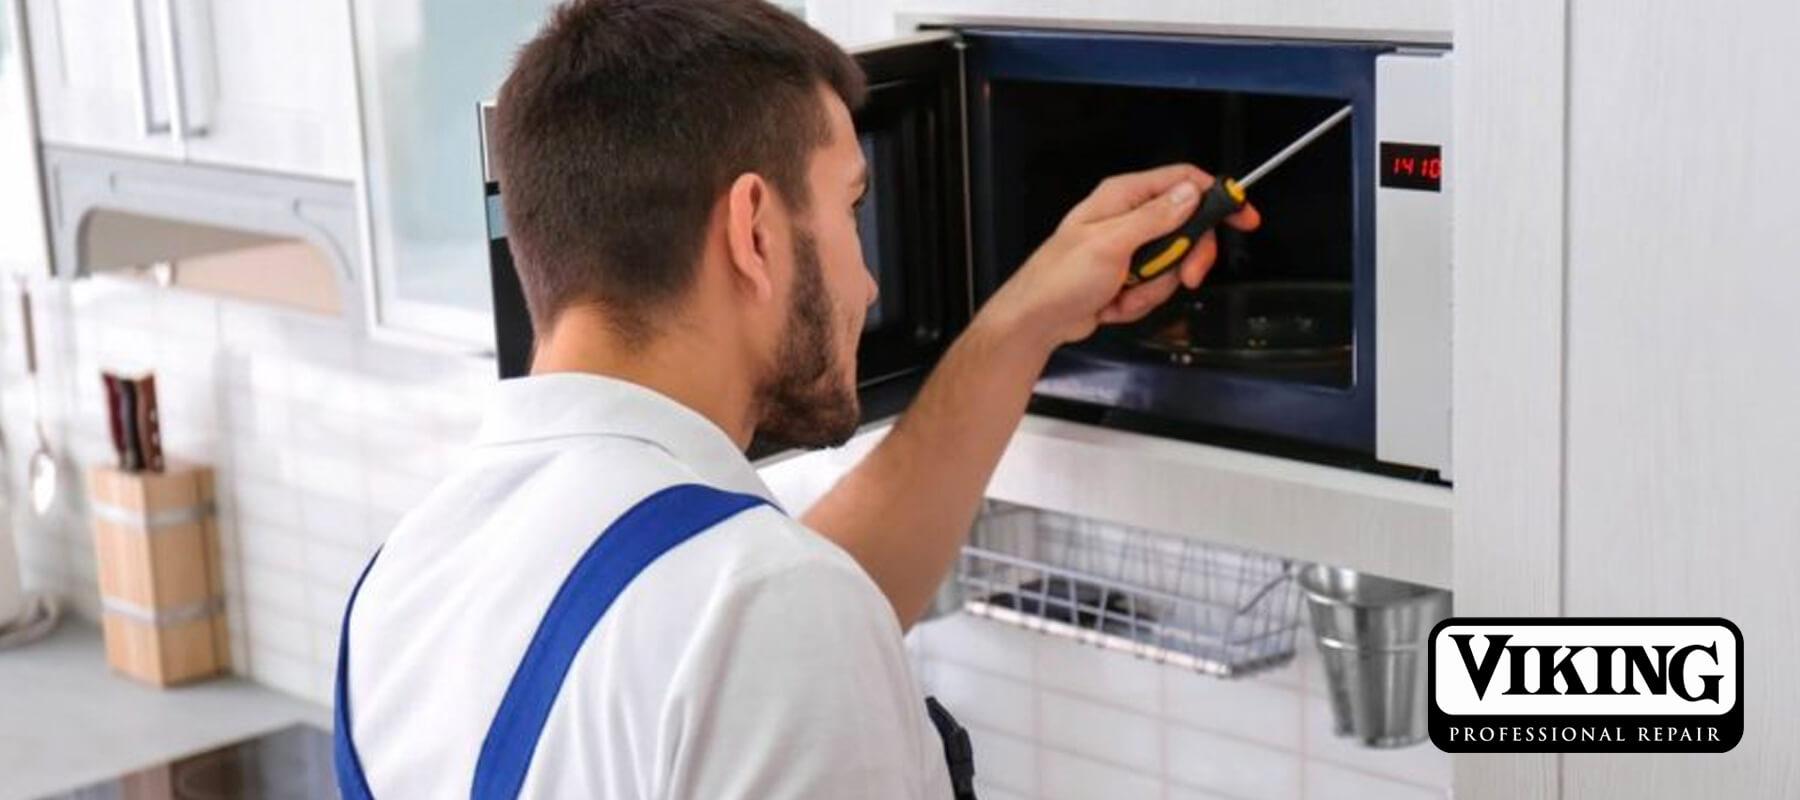 Viking Microwave Repair Service | Professional Viking Repair